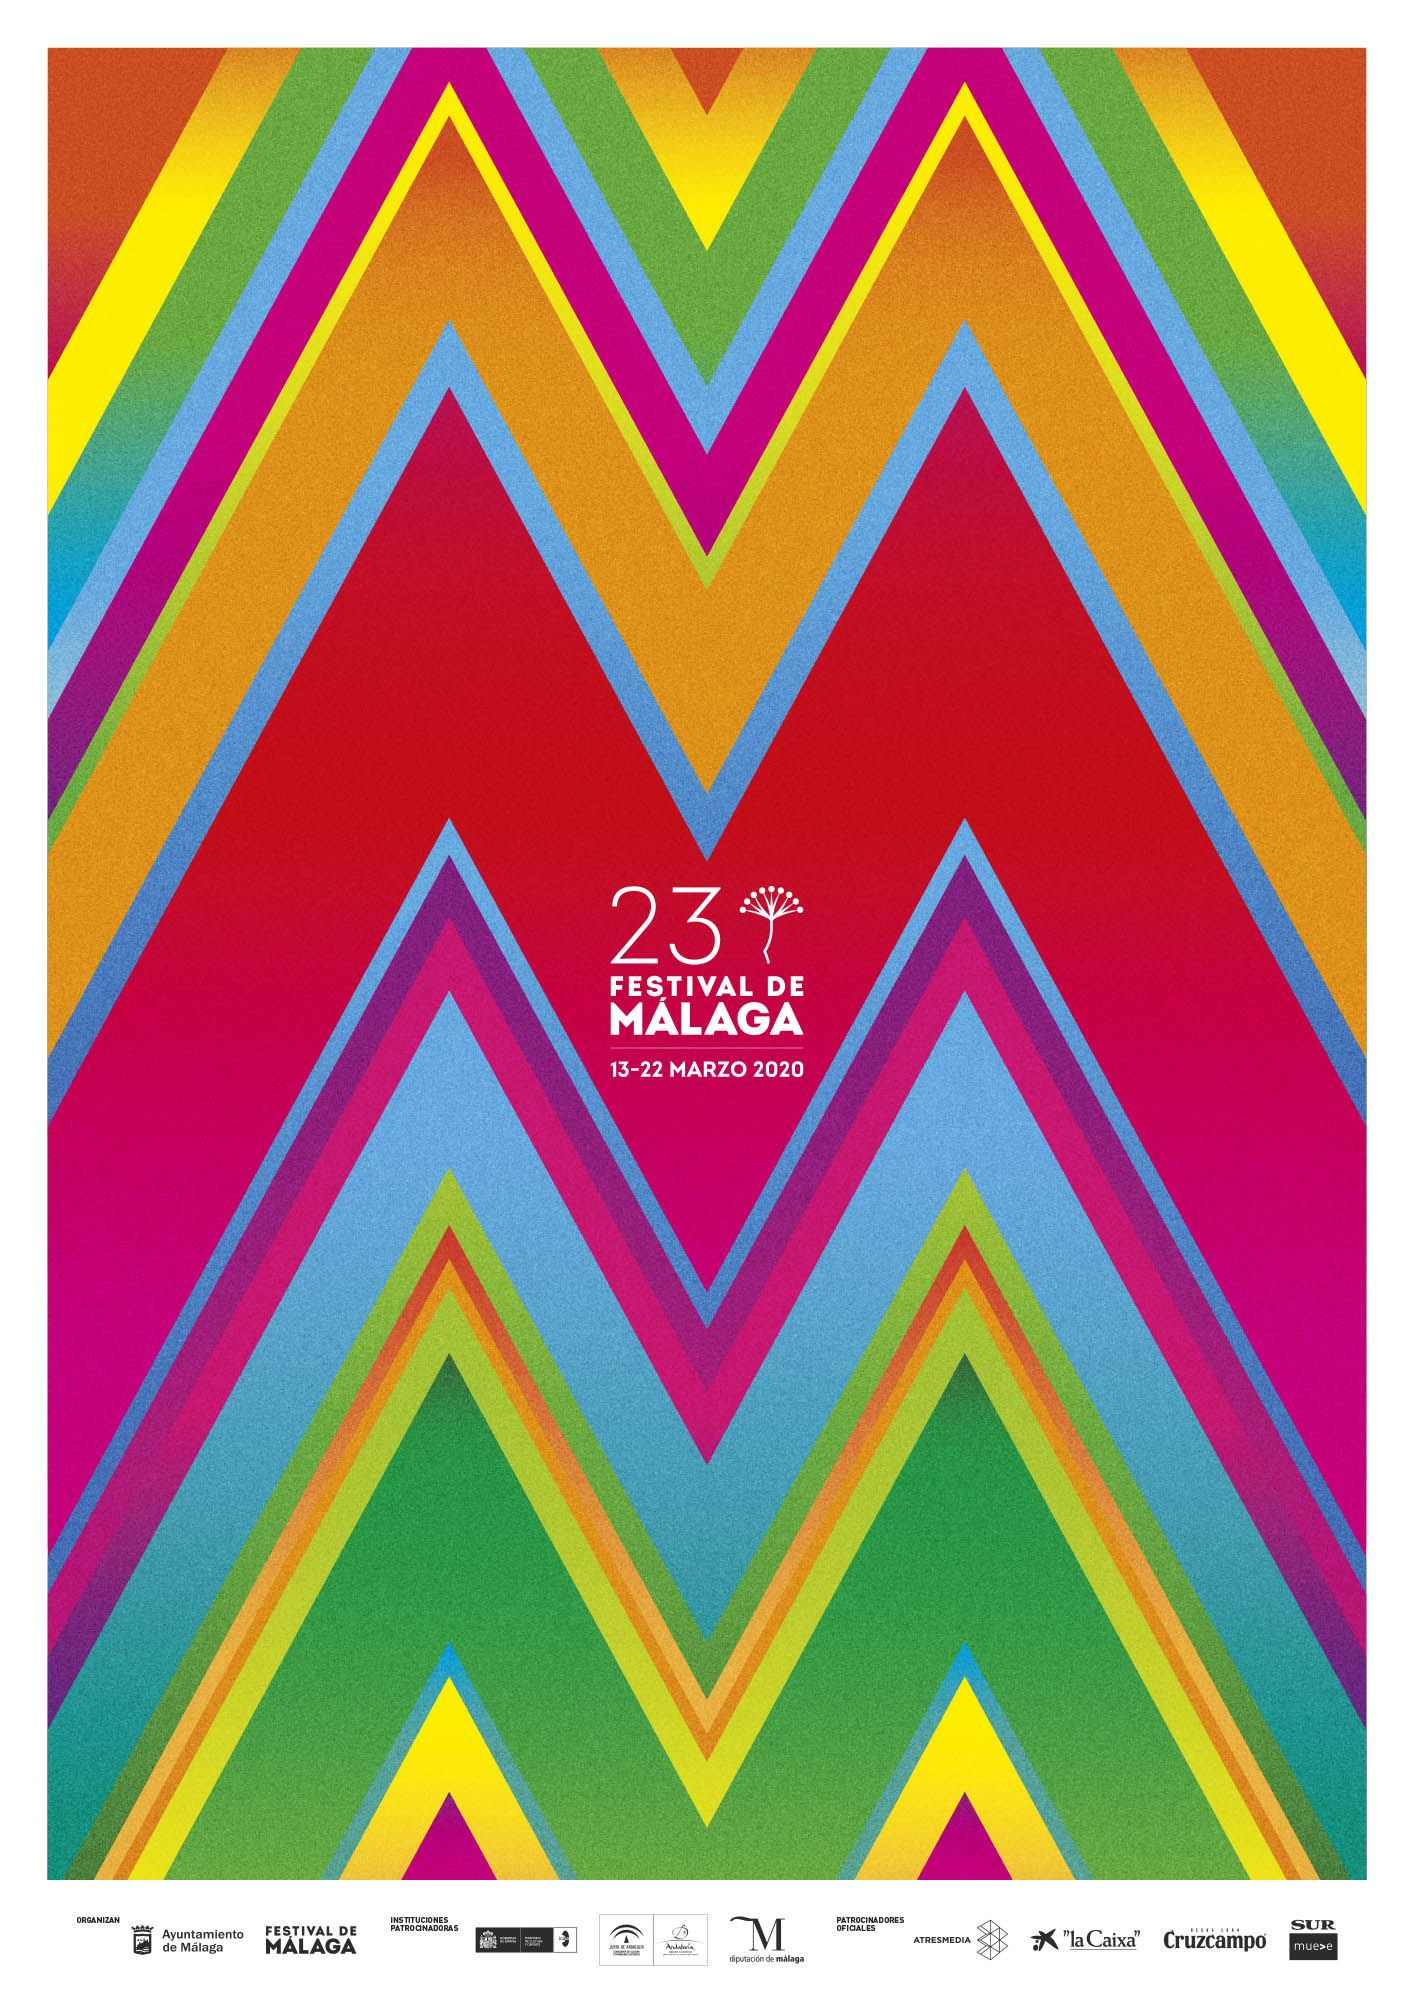 El Festival de Málaga presenta los contenidos de su 23 edición